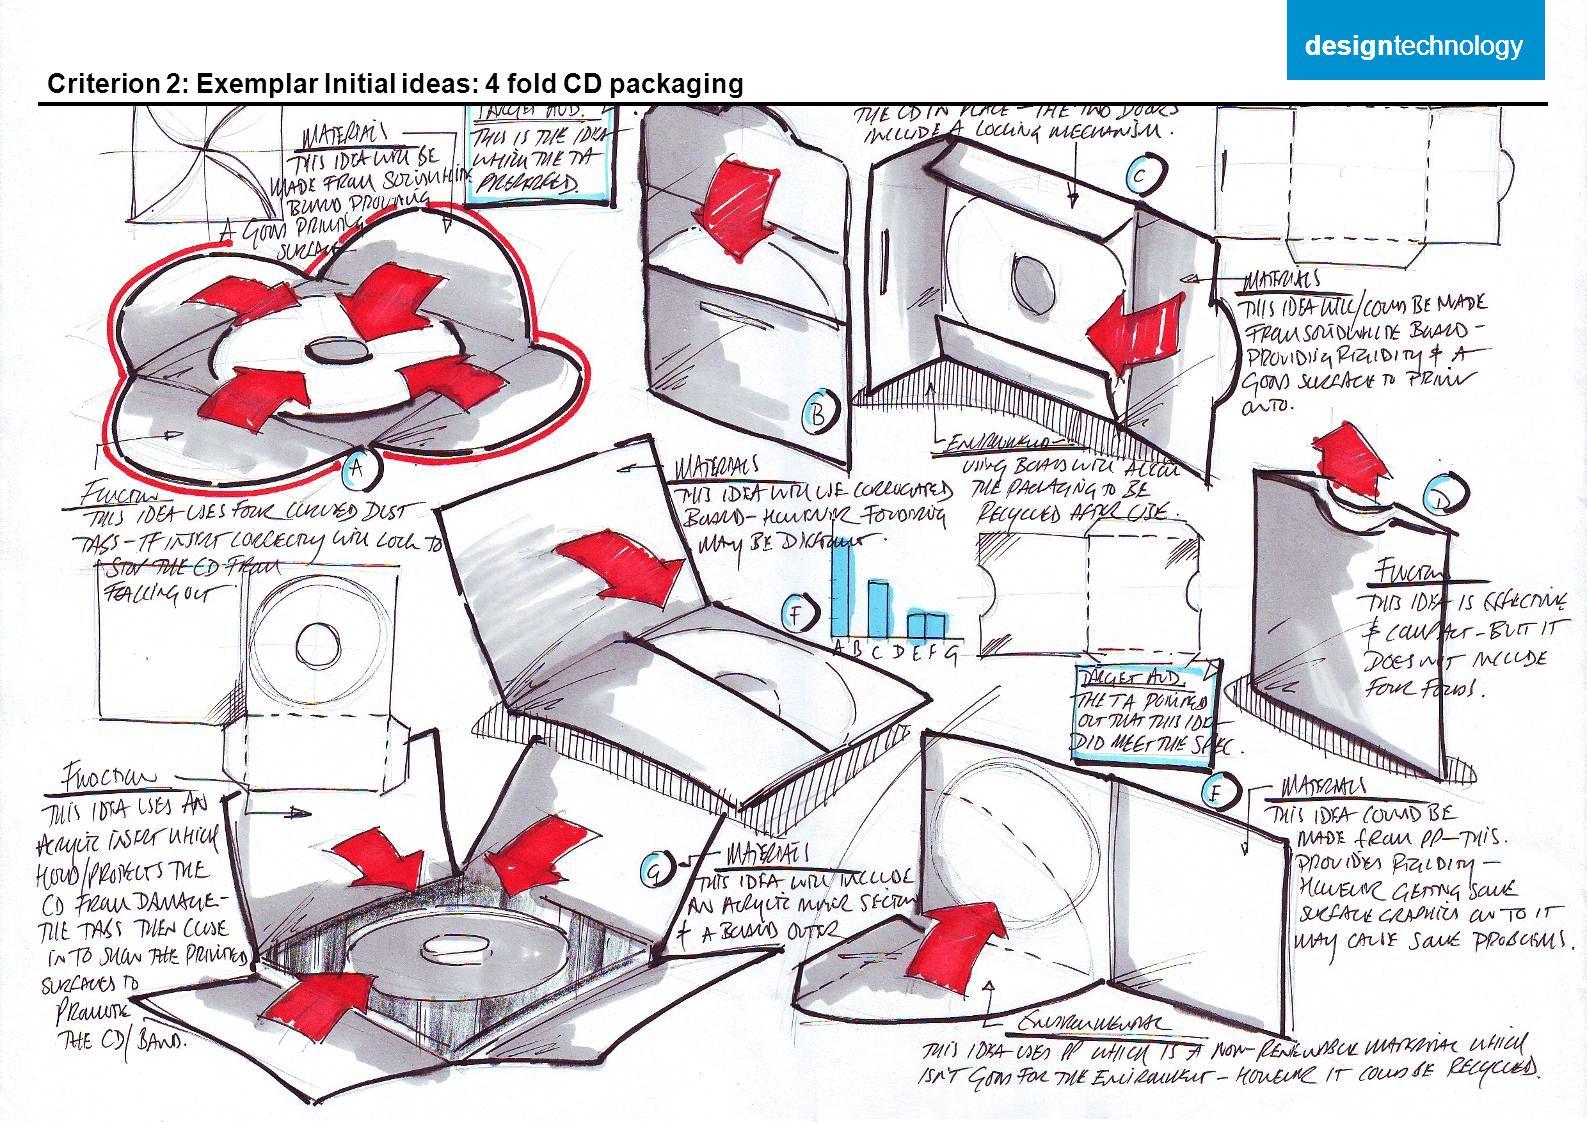 designtechnology designtechnology Criterion 2: Exemplar Initial ideas: 4 fold CD packaging